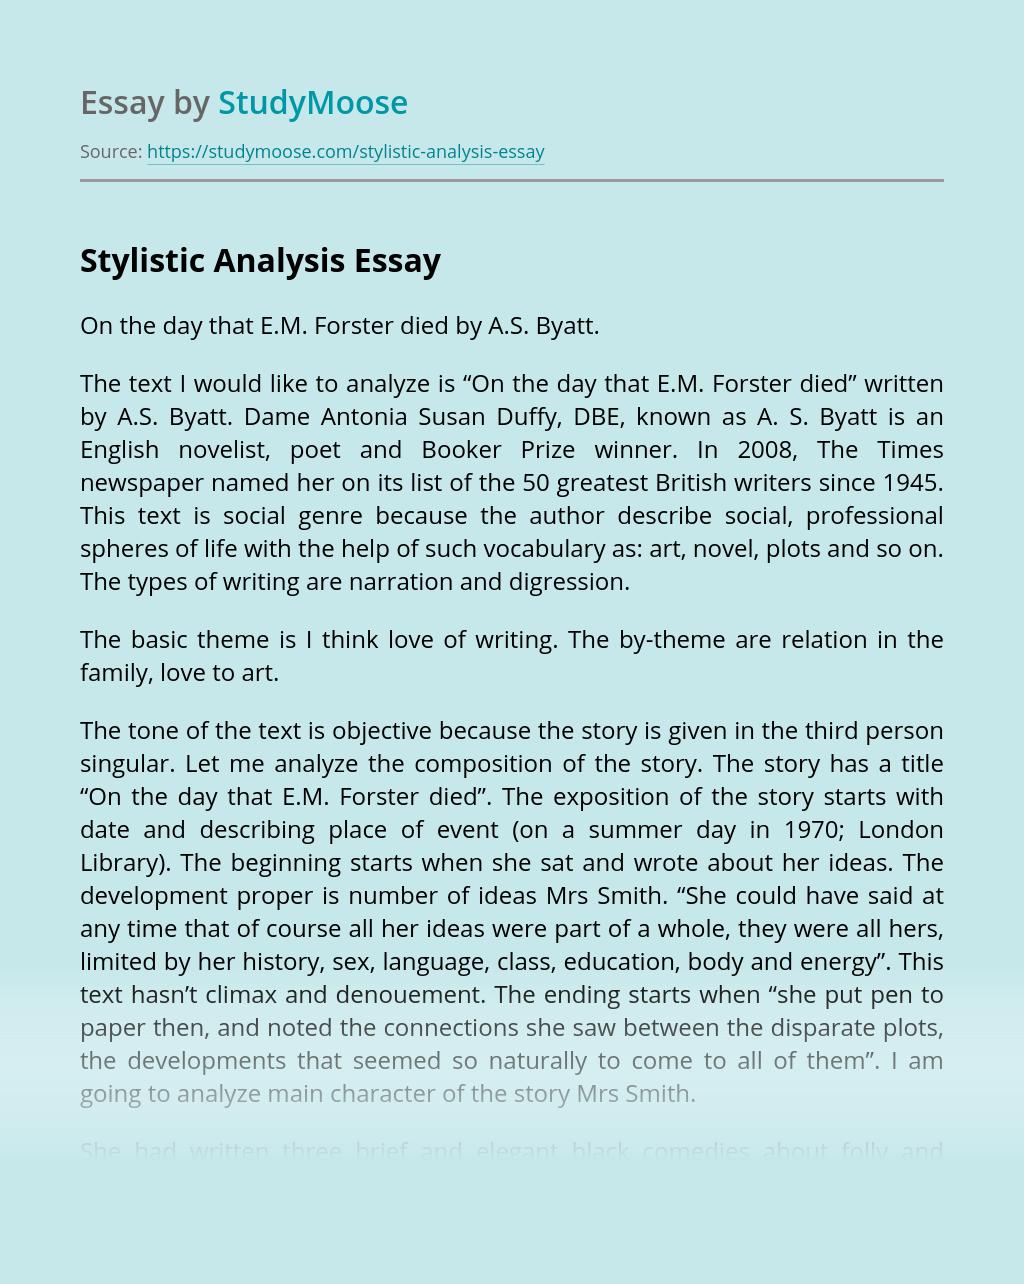 Stylistic Analysis